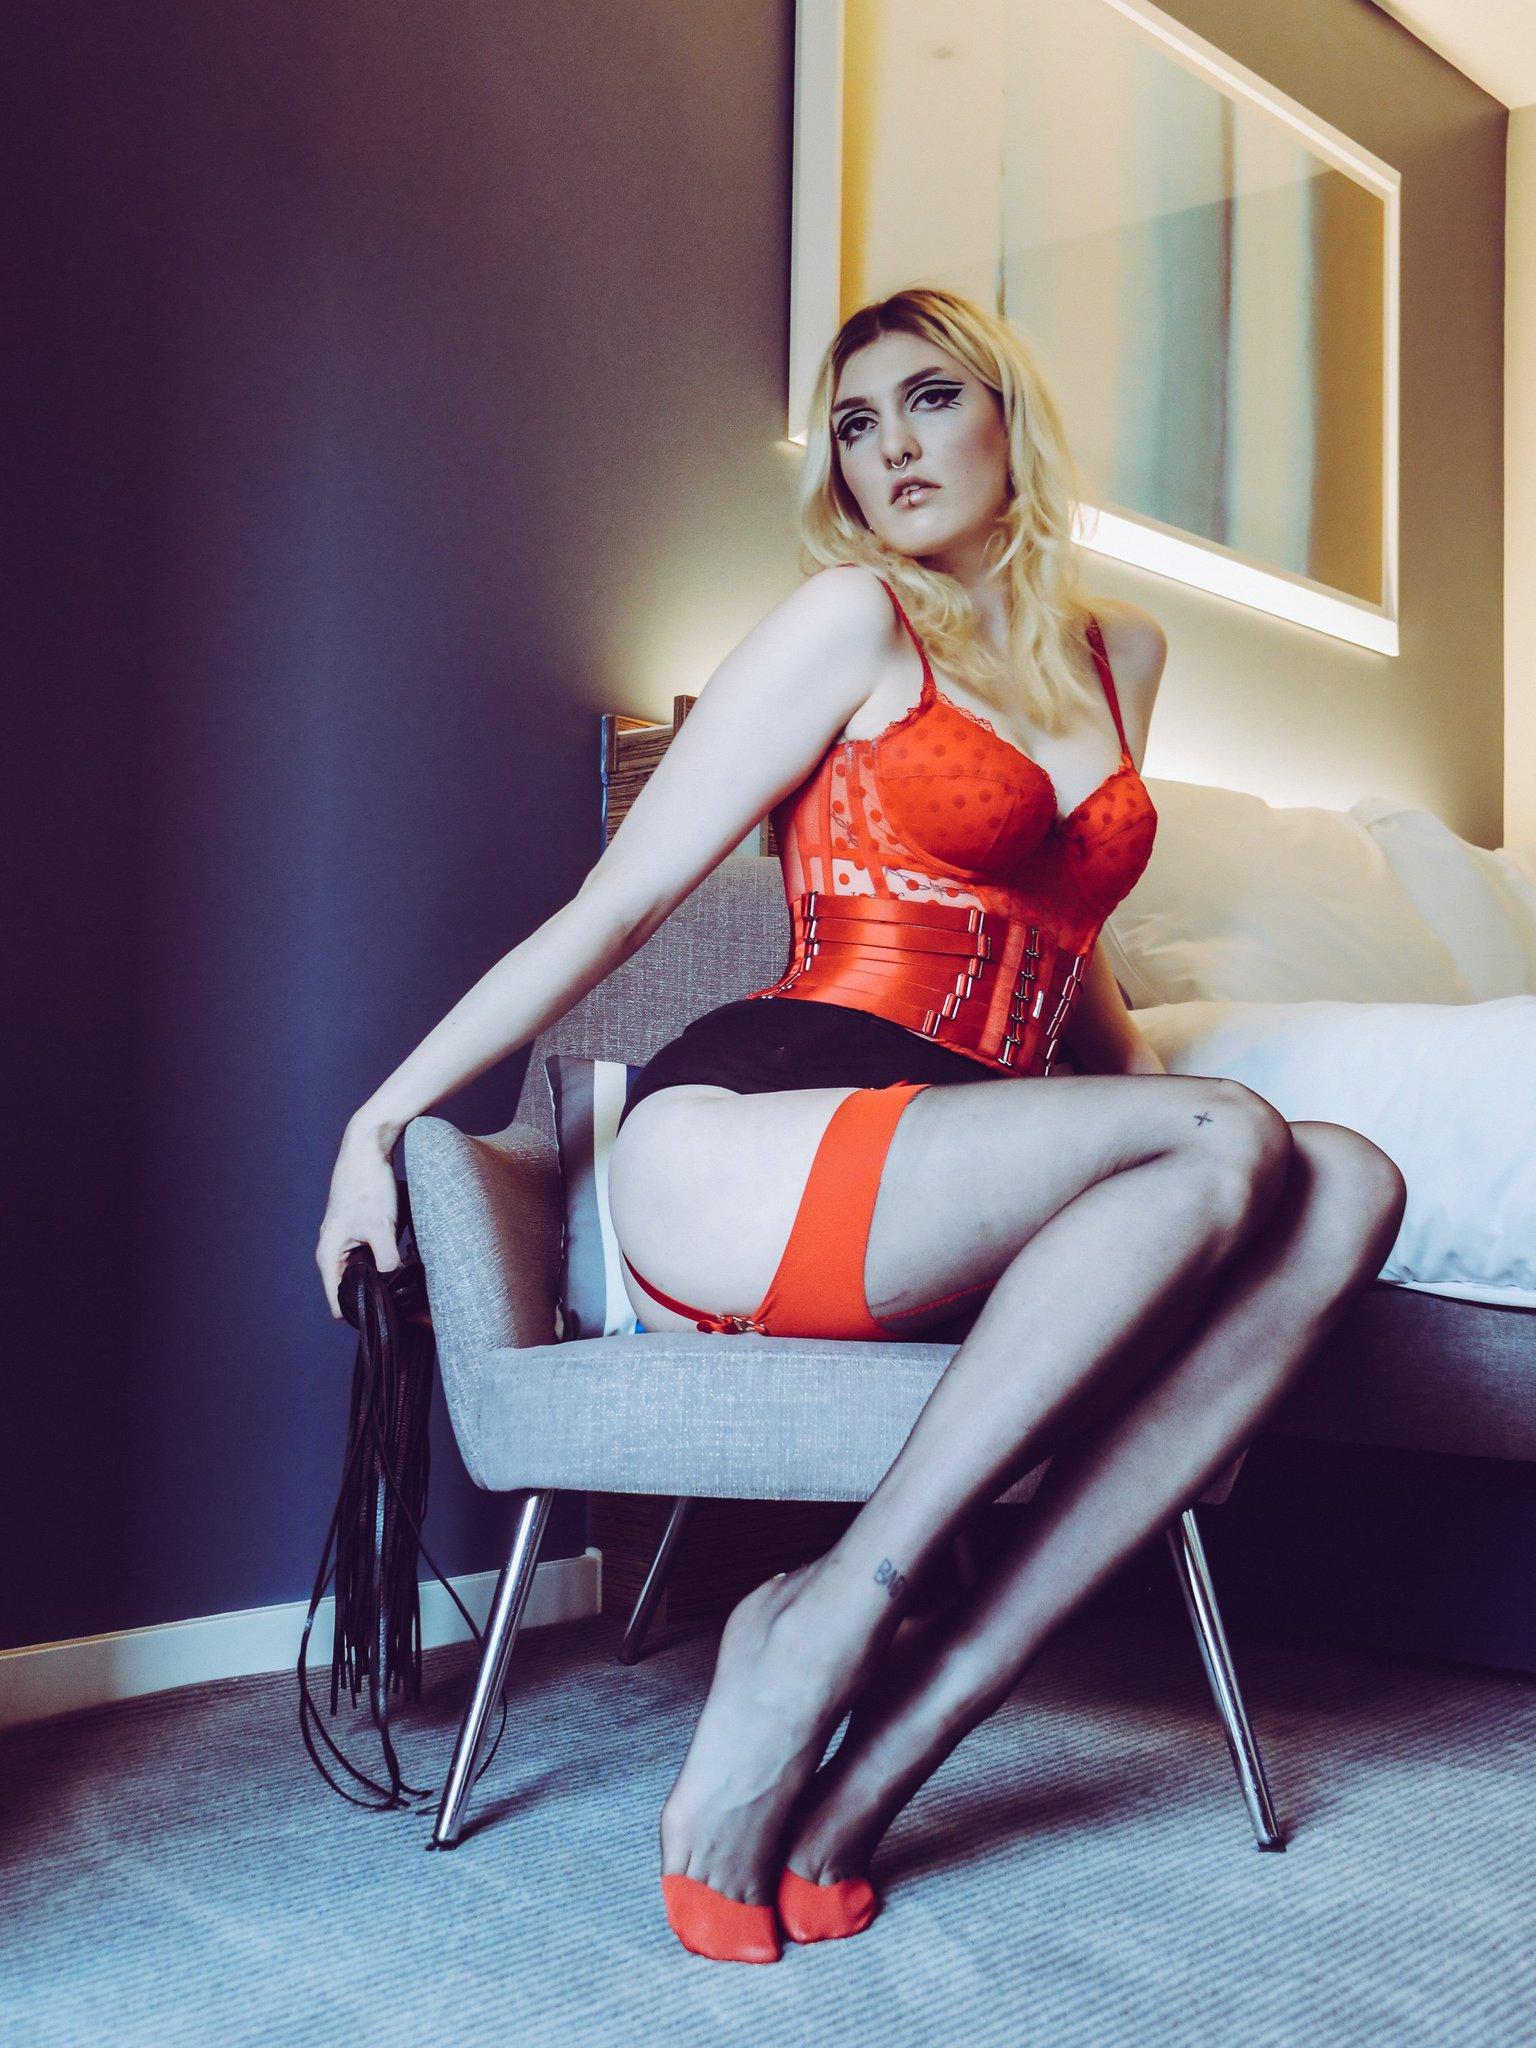 Sarah Calanthe nude (11 photos), Topless, Bikini, Feet, panties 2020